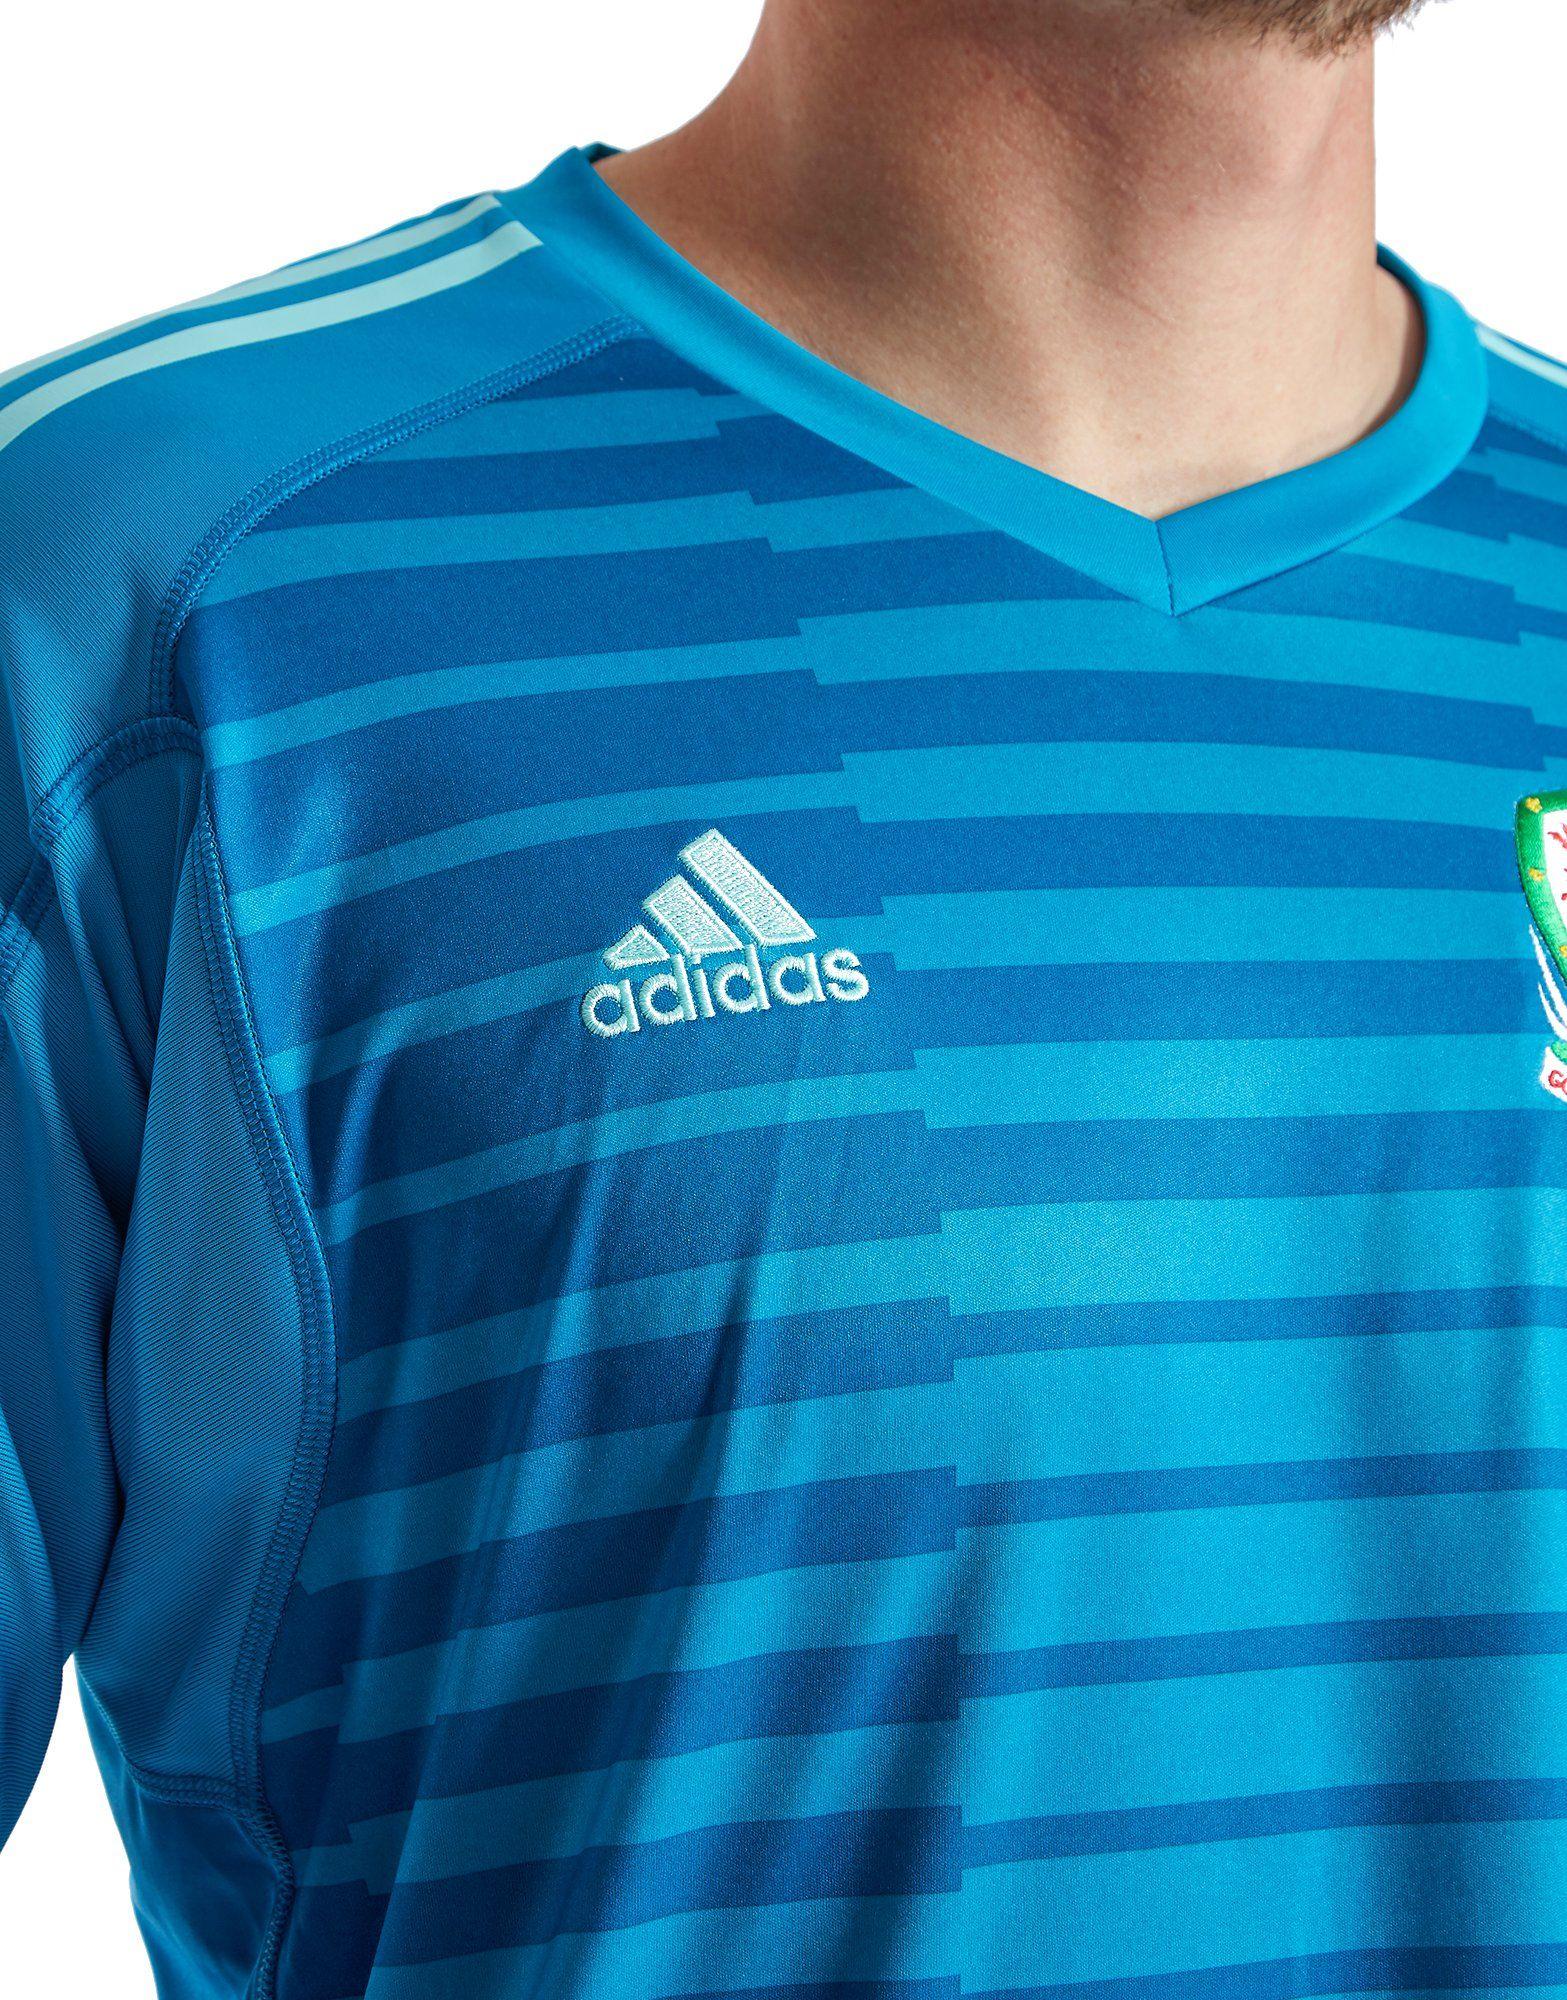 adidas Wales 2018/19 Home Goalkeeper Shirt Blau Versorgung Günstiger Preis Rabatt Mit Kreditkarte Billig Authentische Billig Wie Viel dVrPO7C